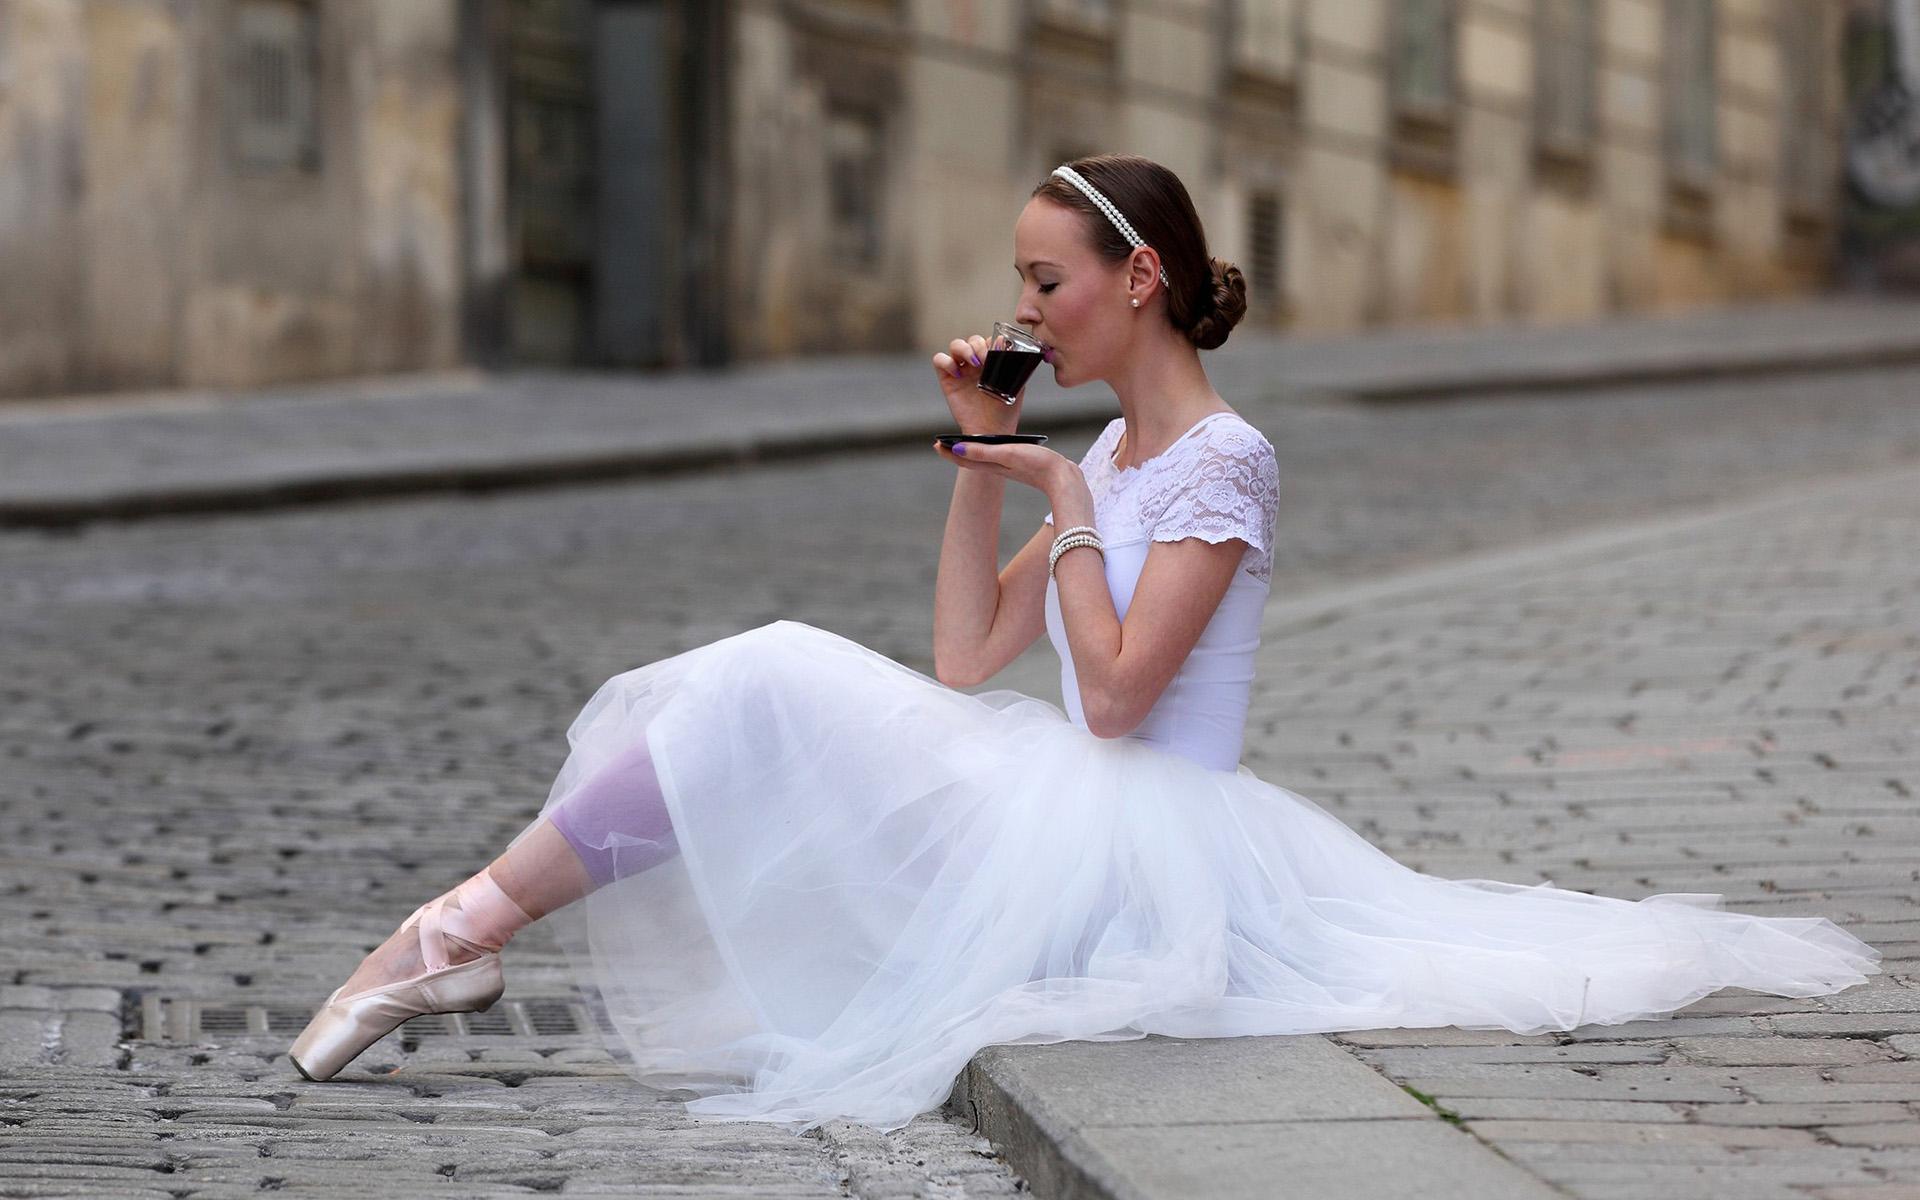 Поздравление брату, картинка с балериной